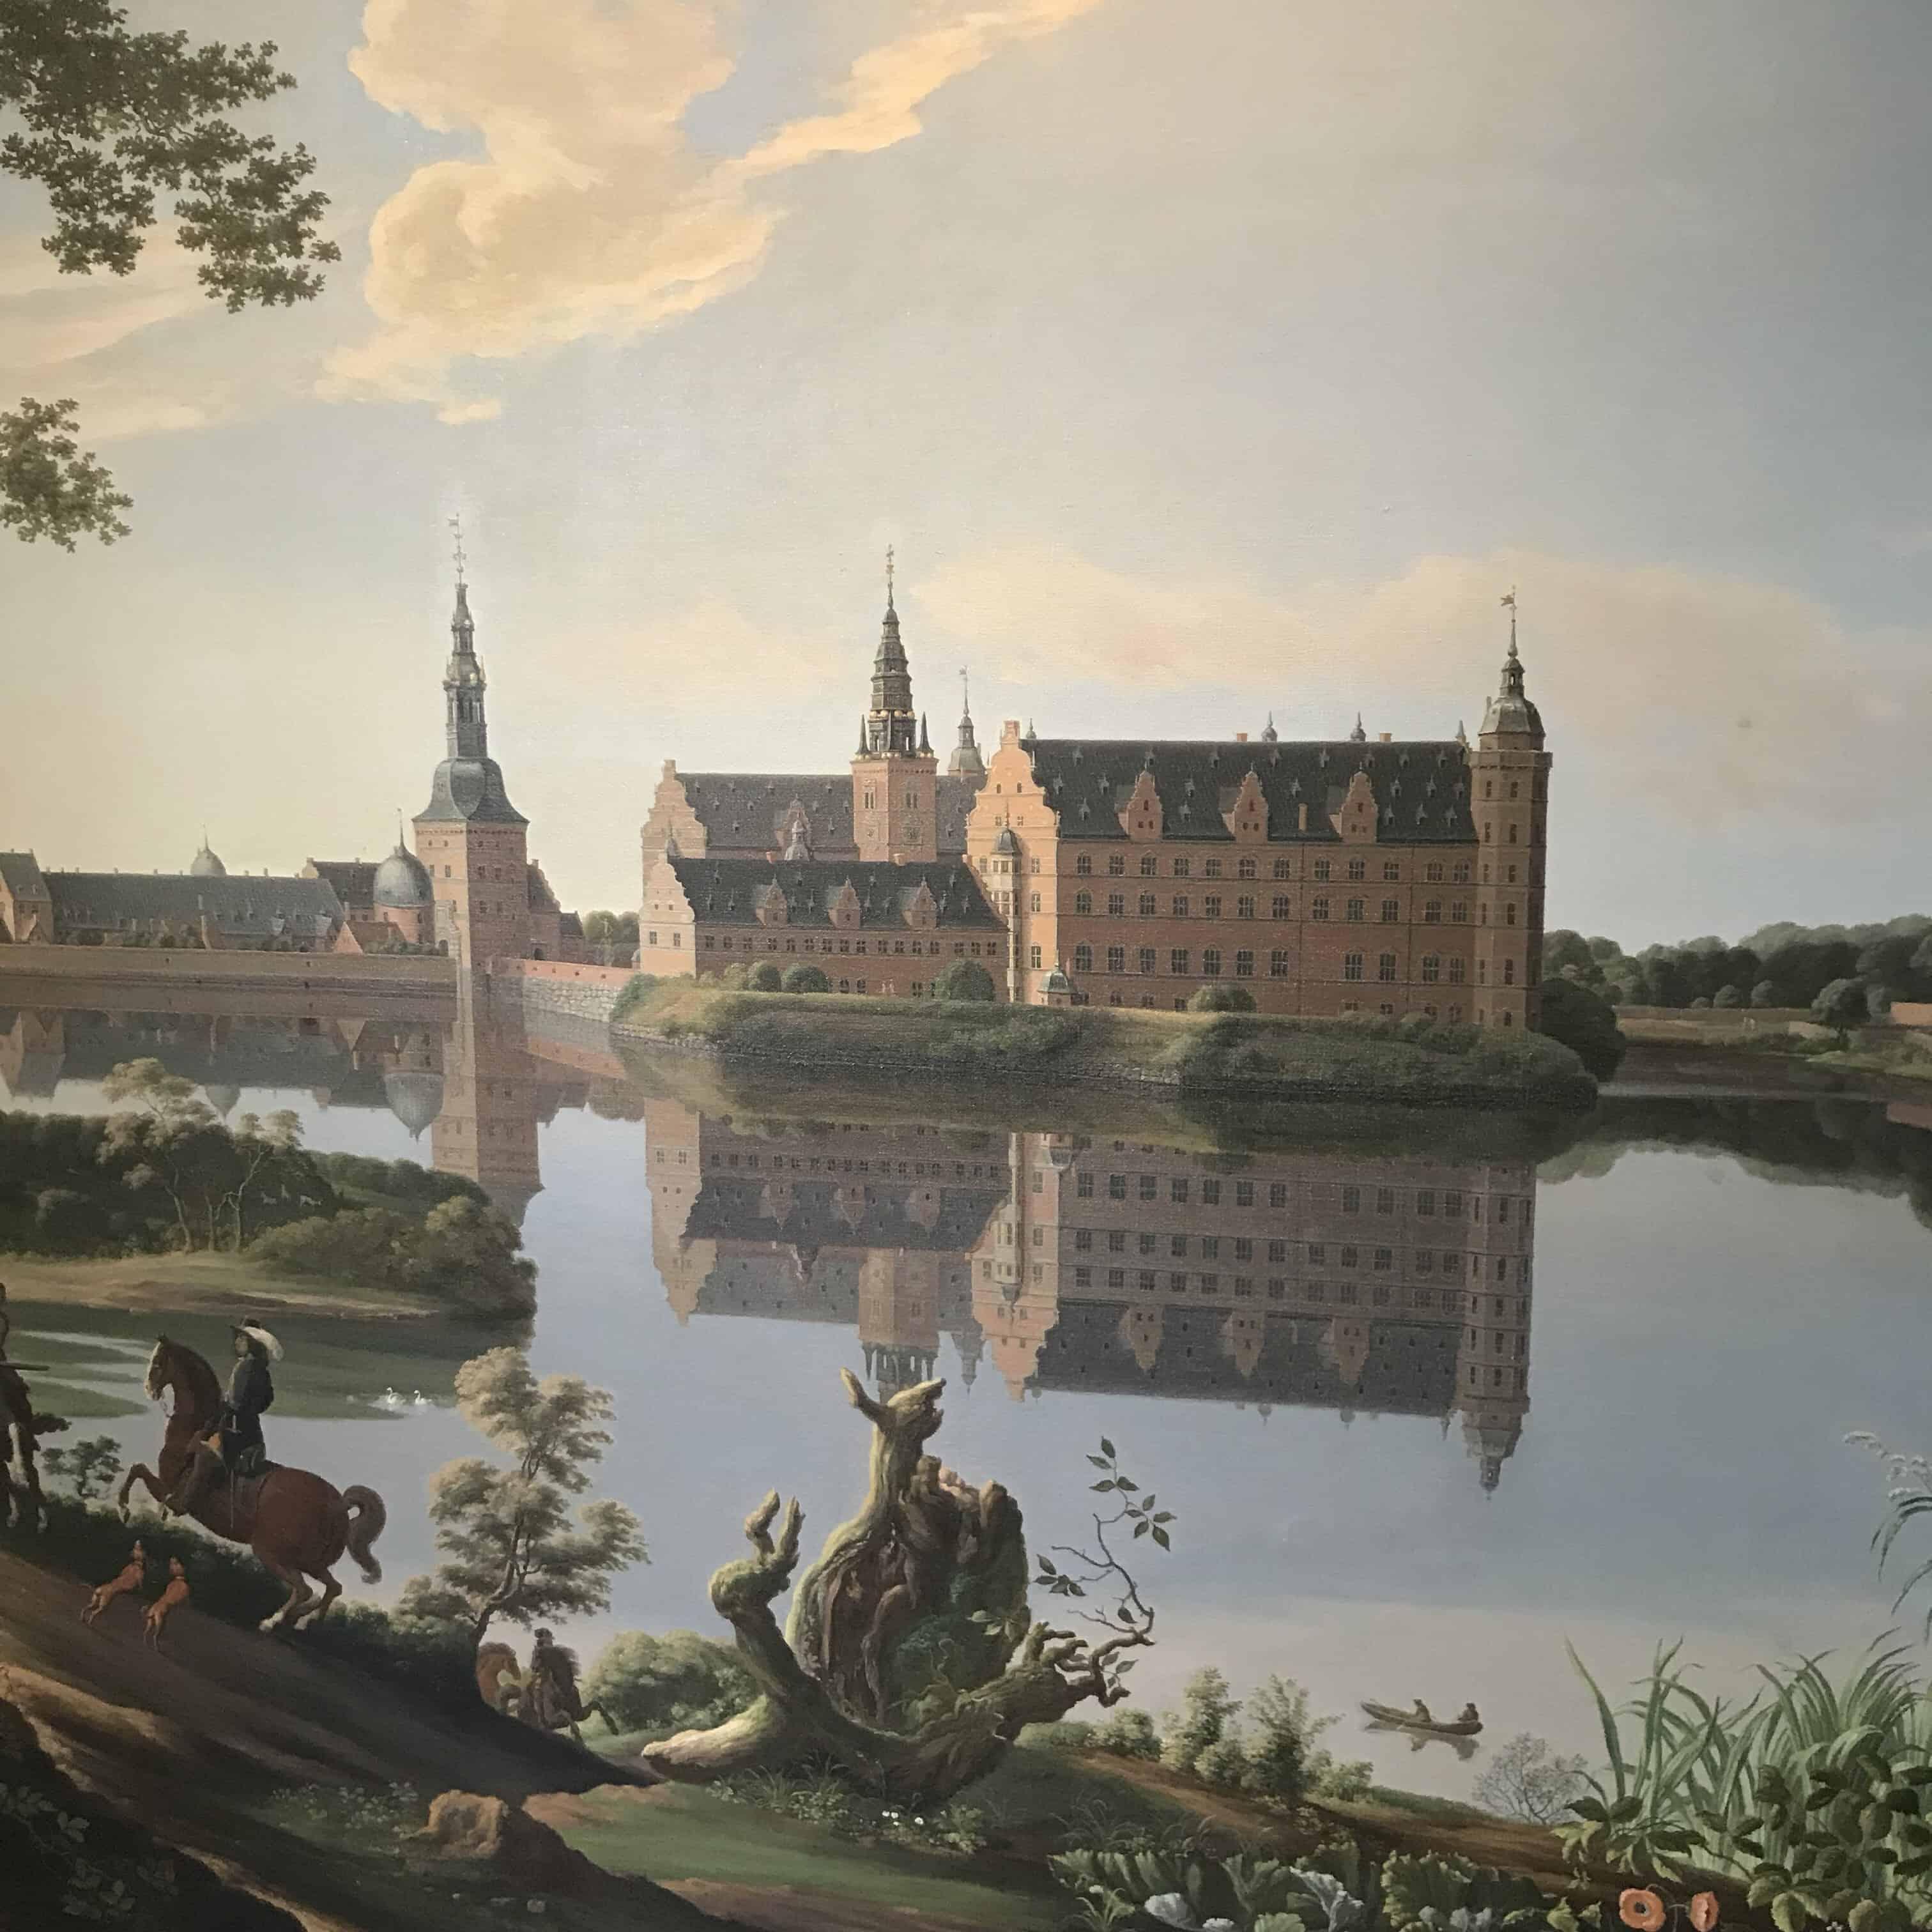 Søndagstur til Frederiksborg Slot